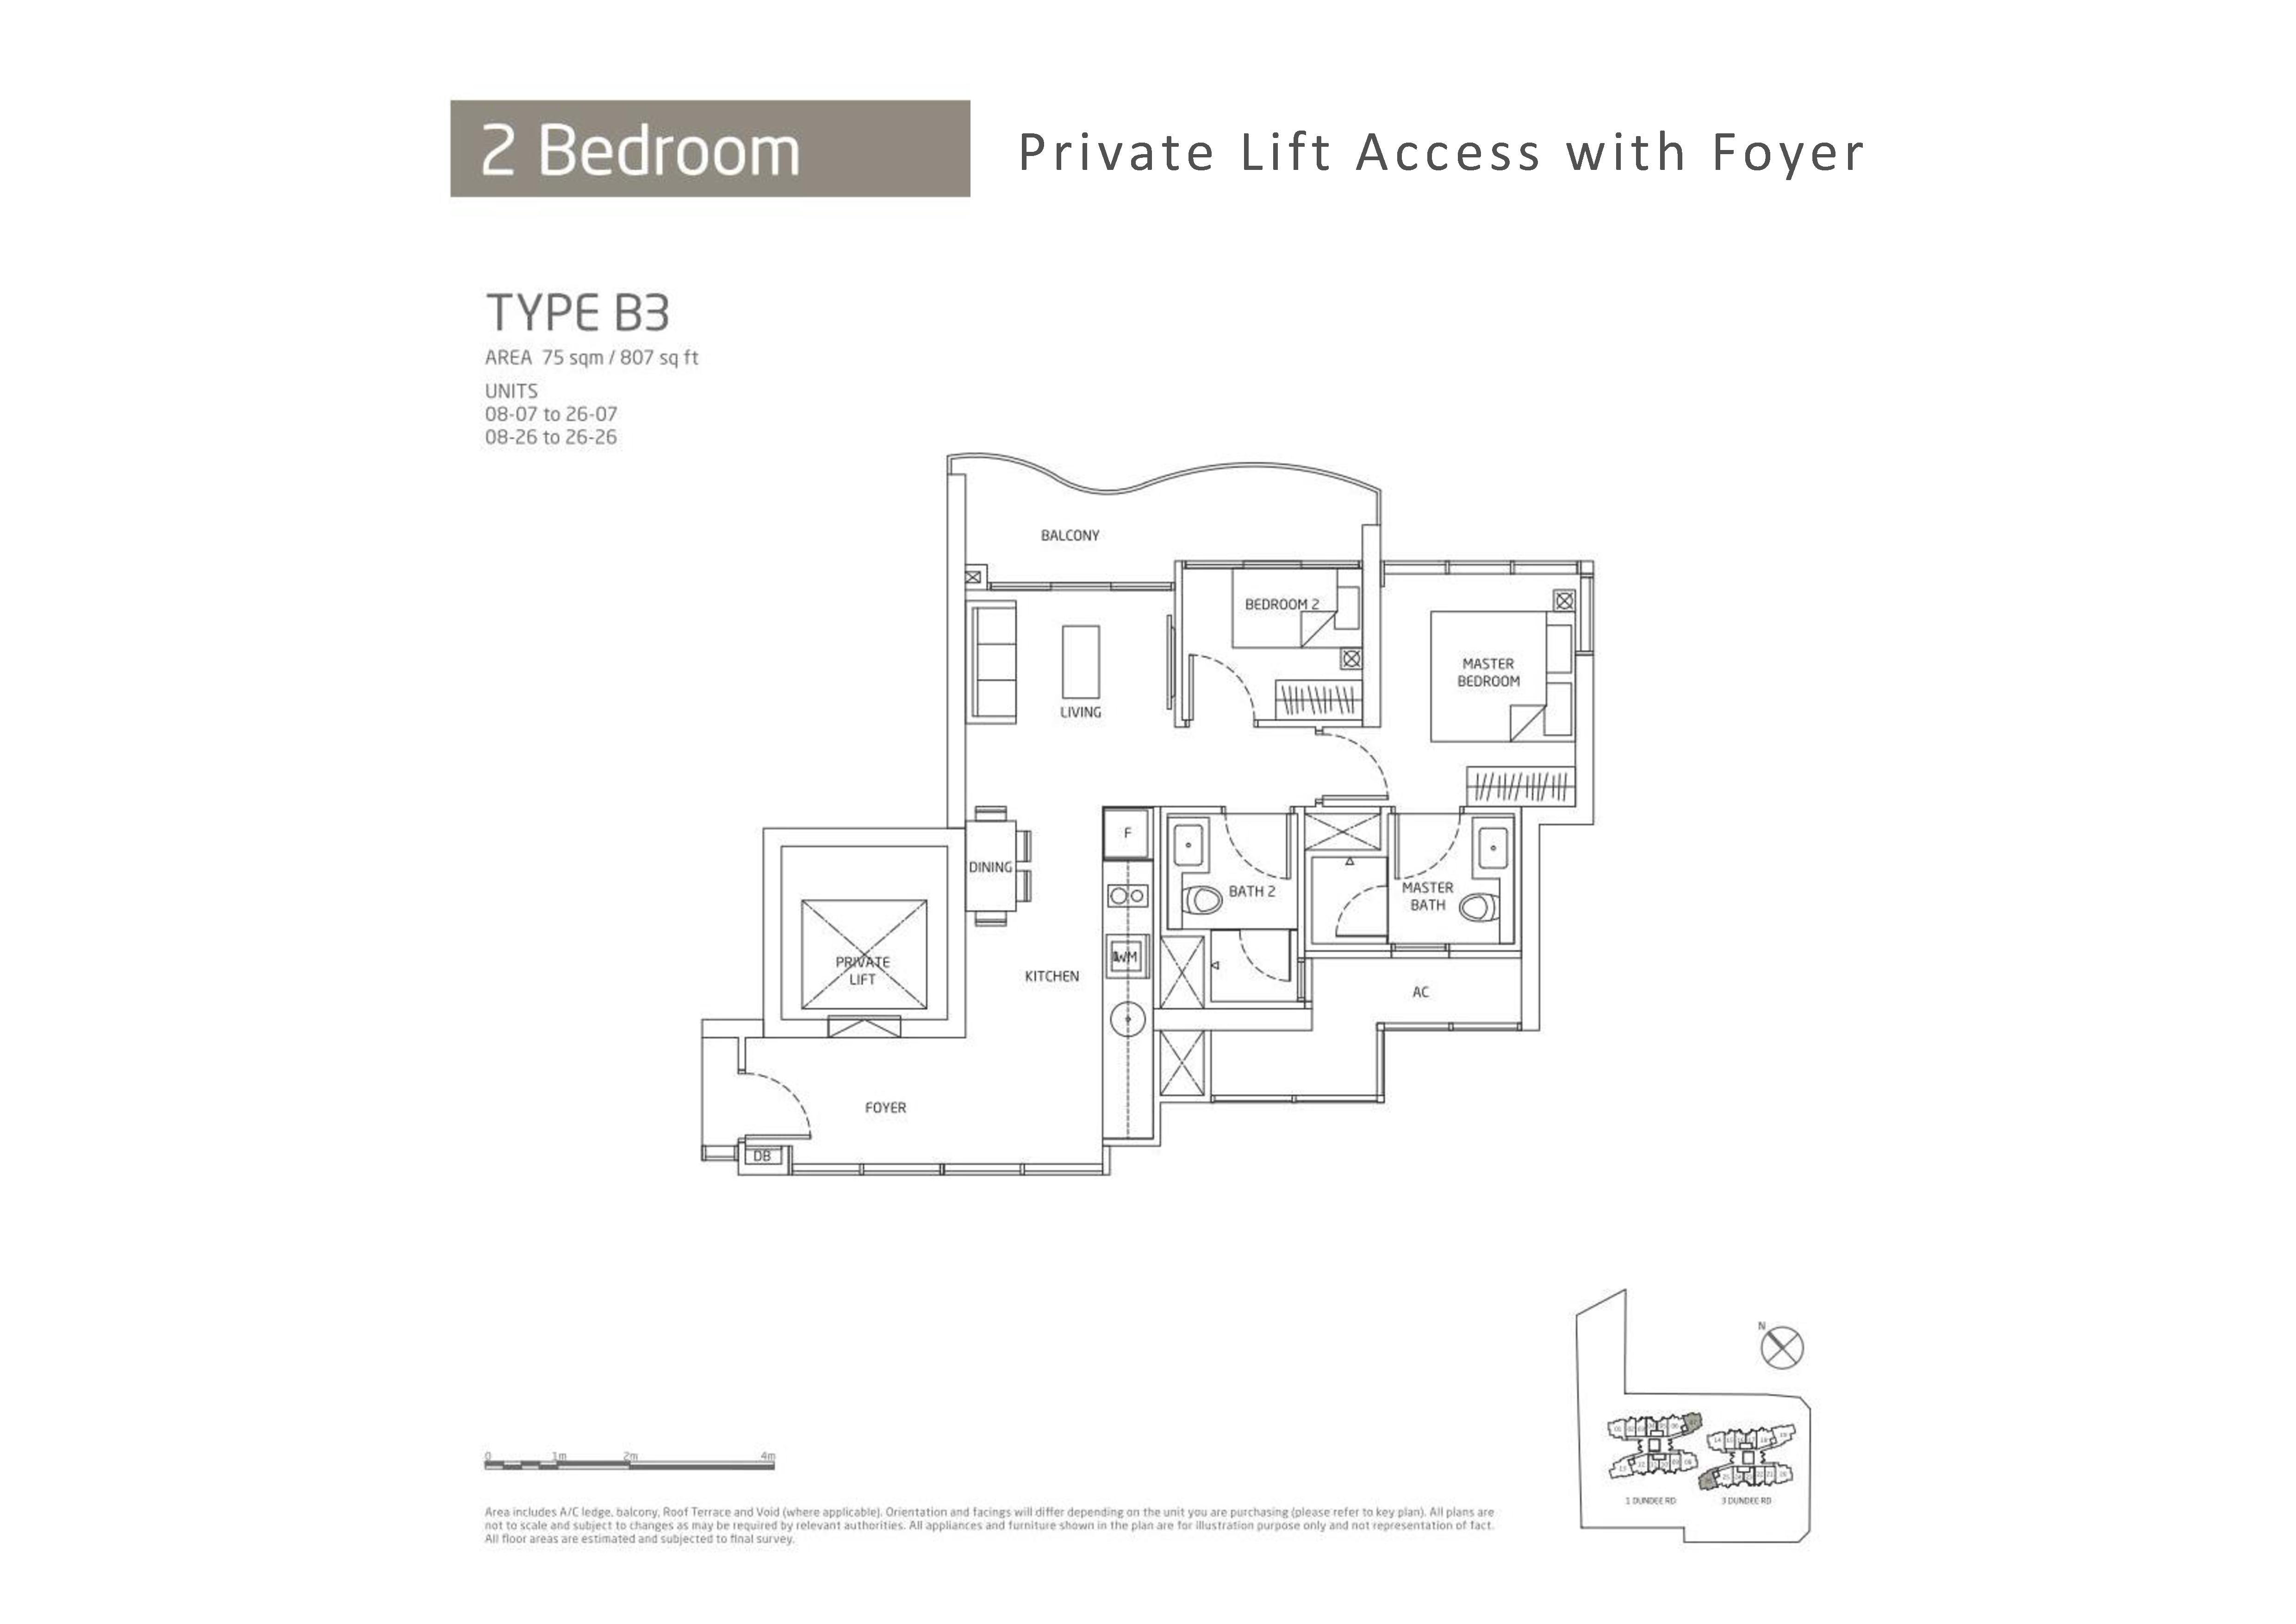 Queens Peak 2 Bedroom Floor Plans Type B3